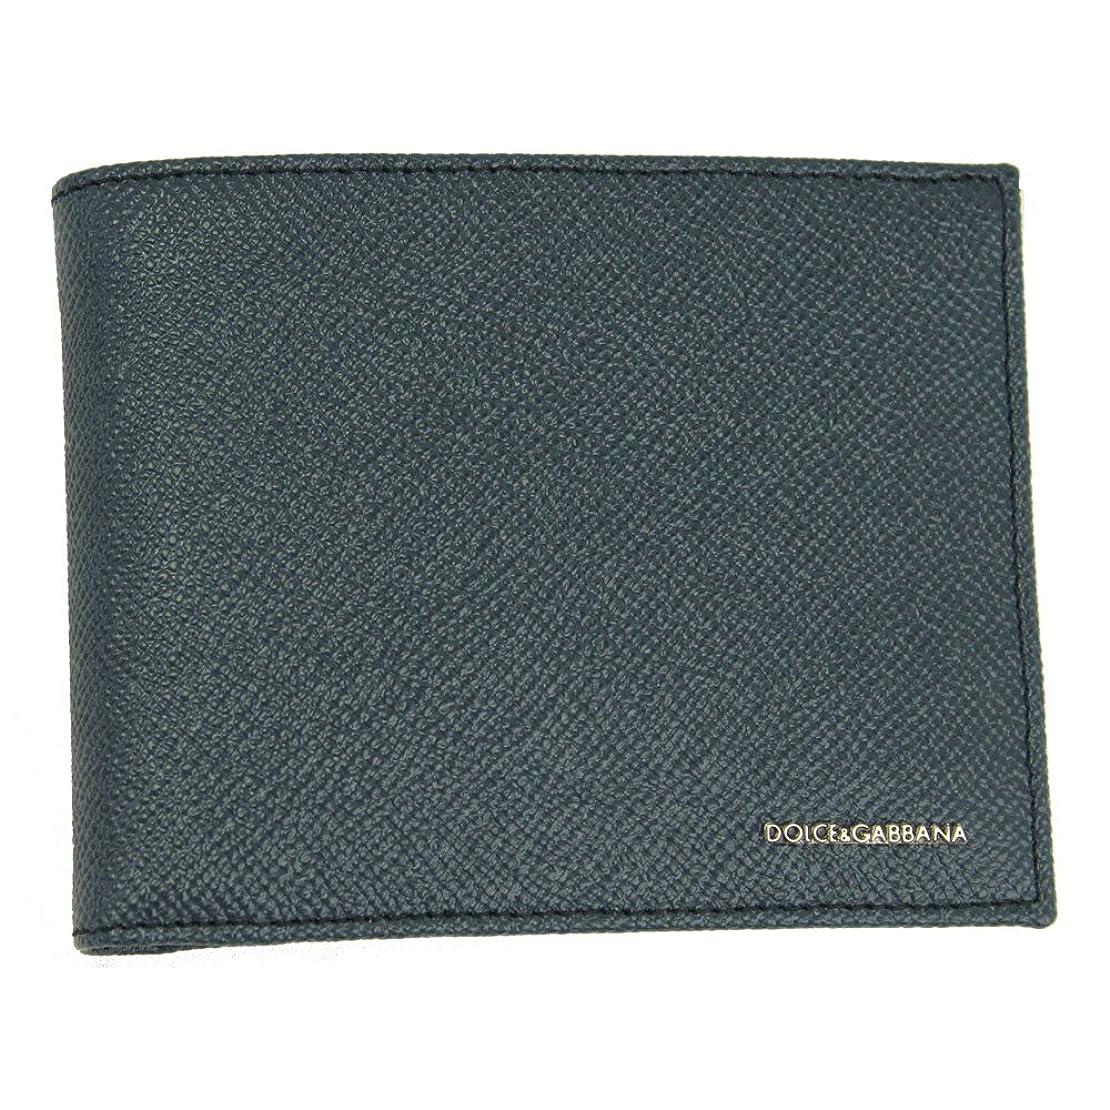 アジテーションバングスタッフDolce & Gabbana (ドルチェ&ガッバーナ)メンズブルーレザー二つ折り財布bp0457?b34321?80653